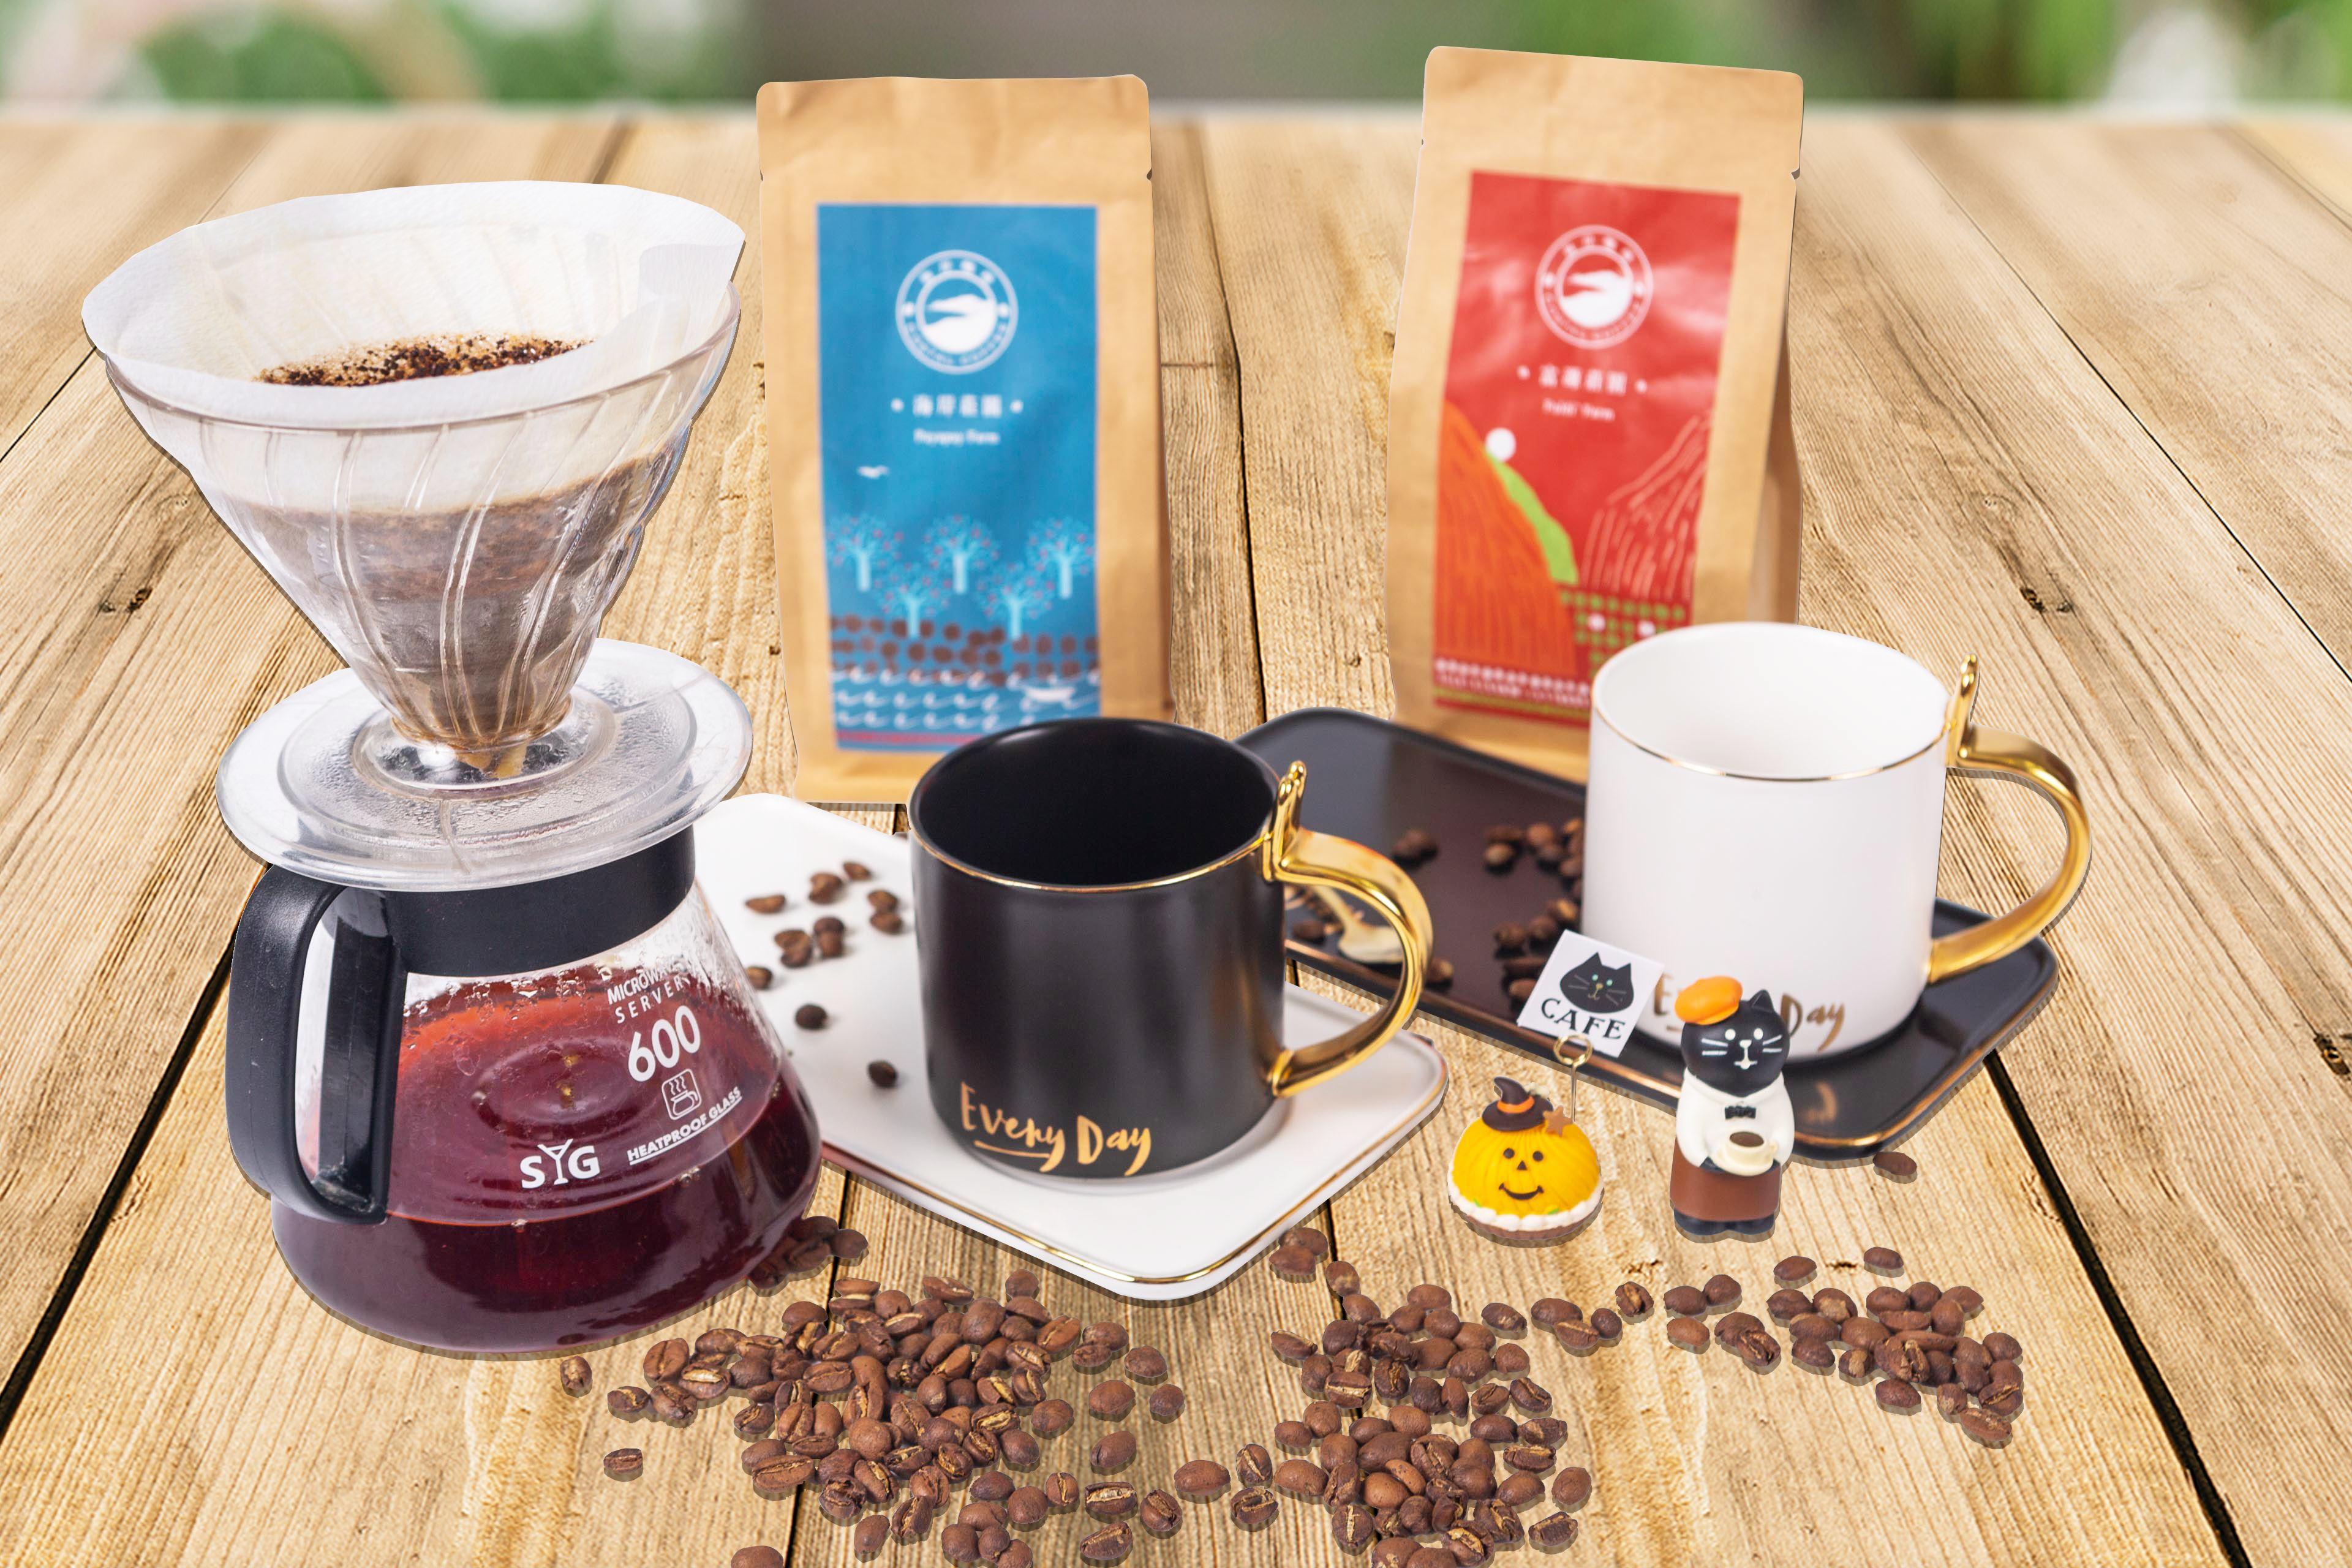 豐富部落的咖啡莊園-海岸咖啡